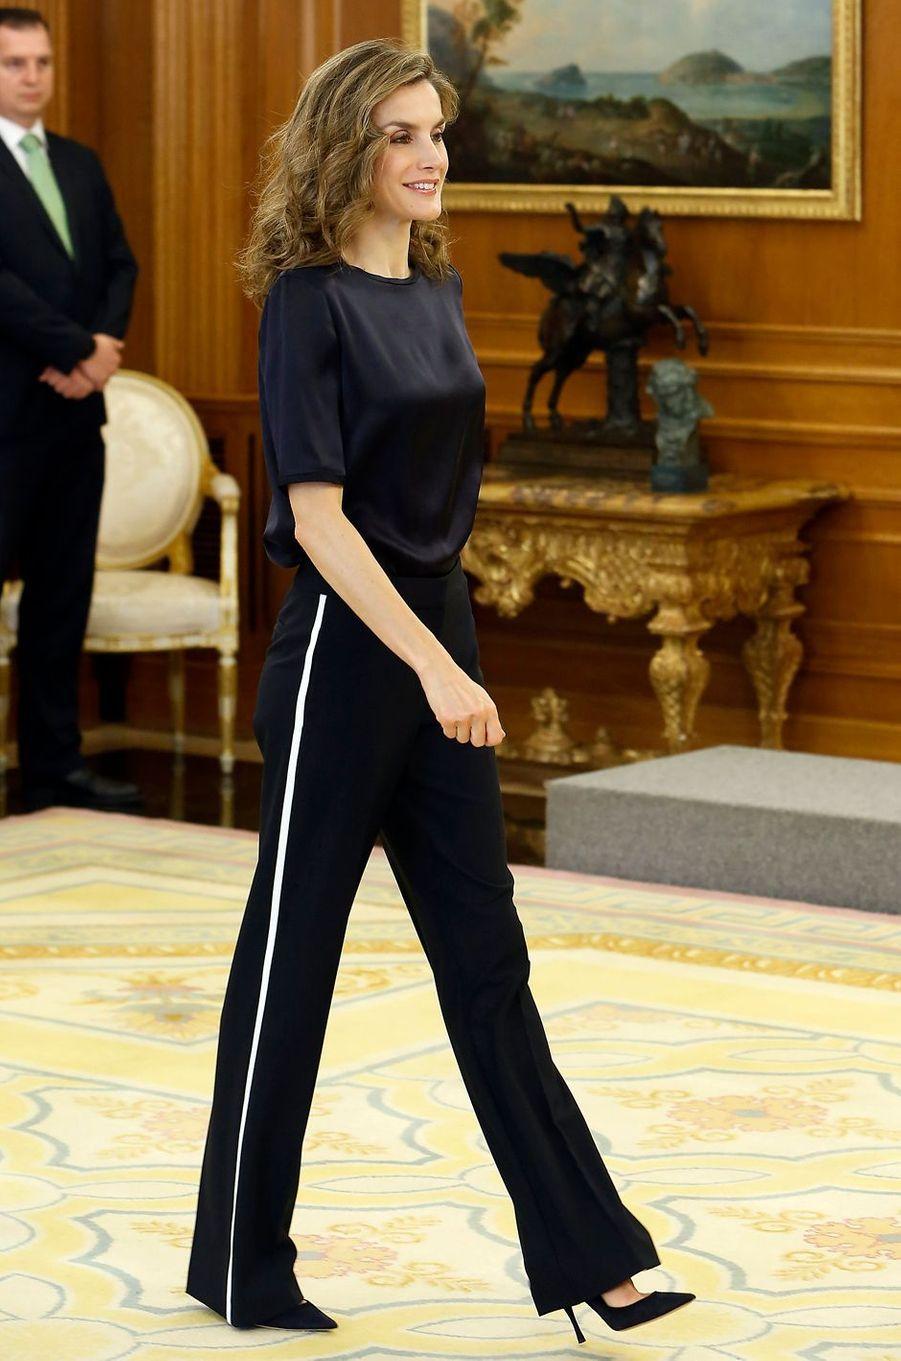 La reine Letizia d'Espagne s'affiche dans un pantalon à bandes à Madrid, le 27 octobre 2016